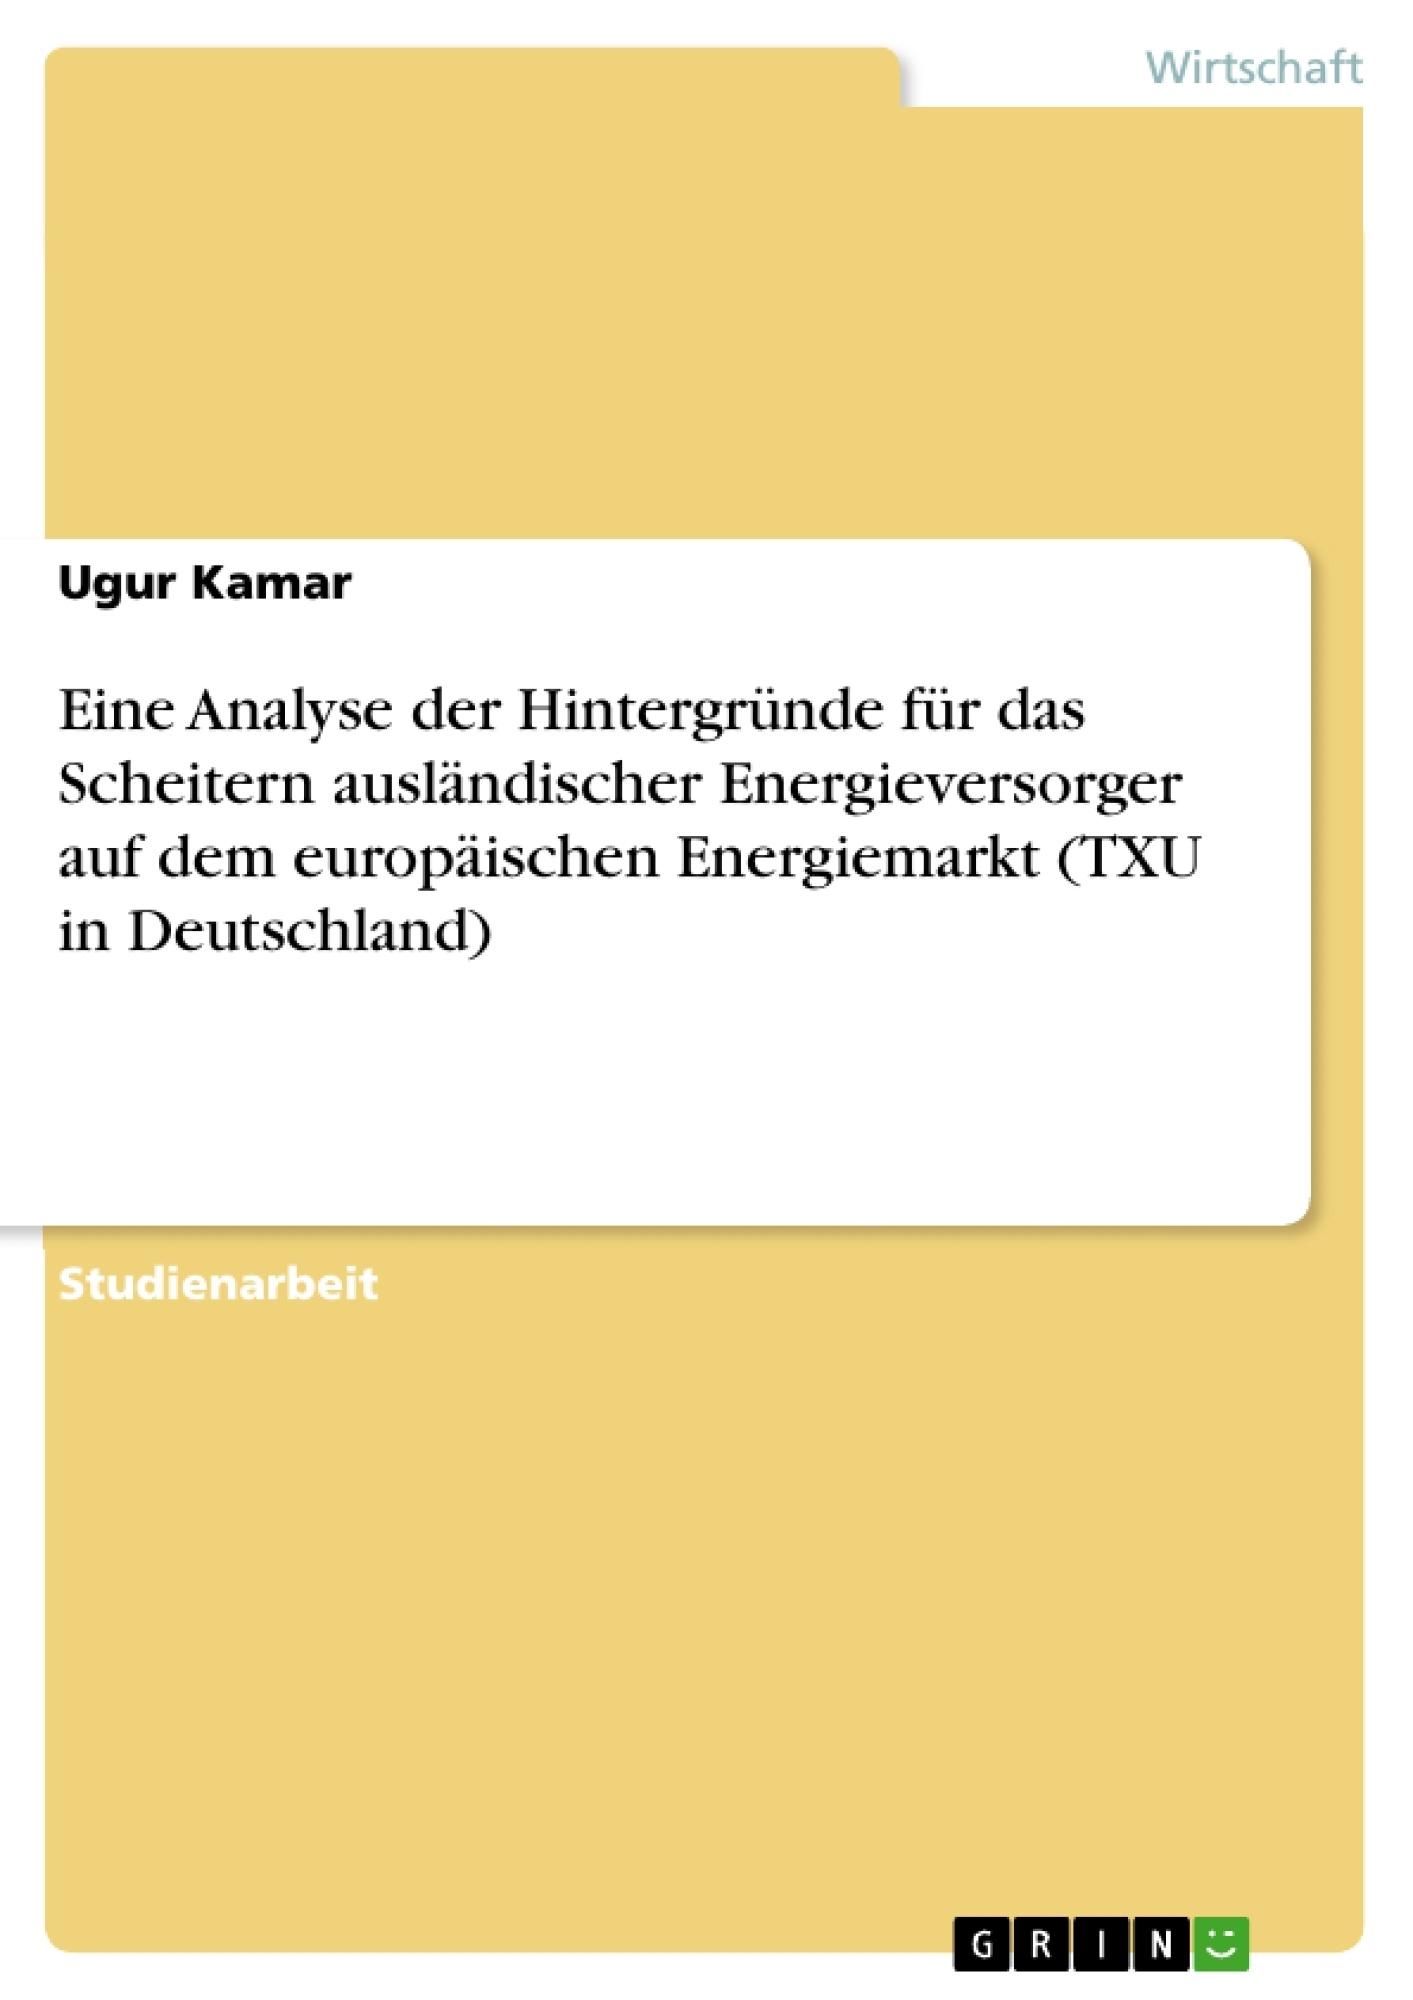 Titel: Eine Analyse der Hintergründe für das Scheitern ausländischer Energieversorger auf dem europäischen Energiemarkt (TXU in Deutschland)